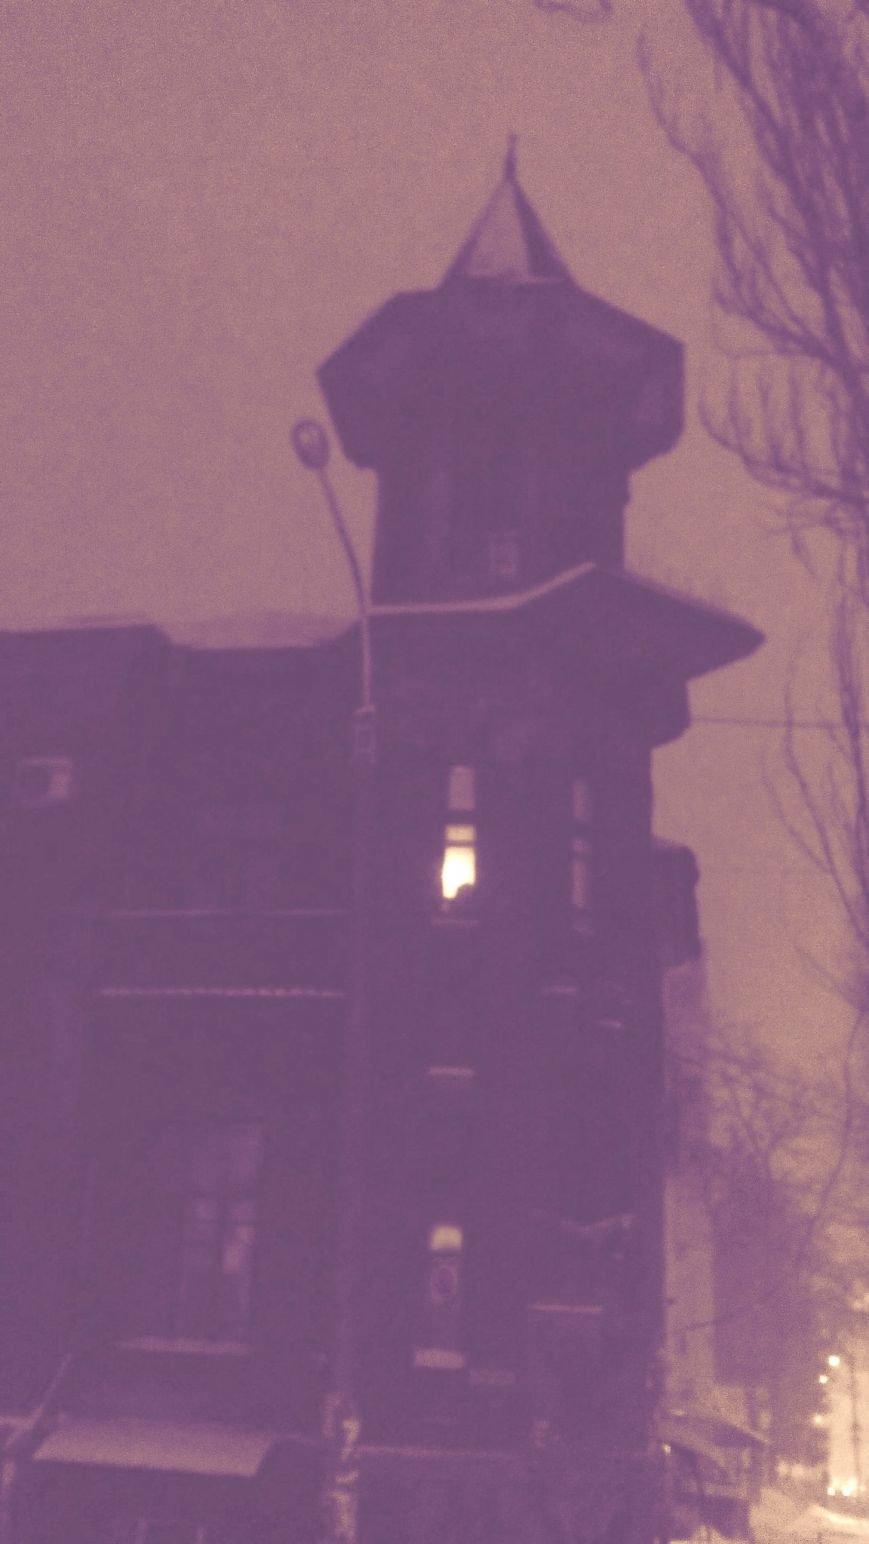 Хогвартс в Днепропетровске: уникальные беседки на крышах (ФОТО) (фото) - фото 1